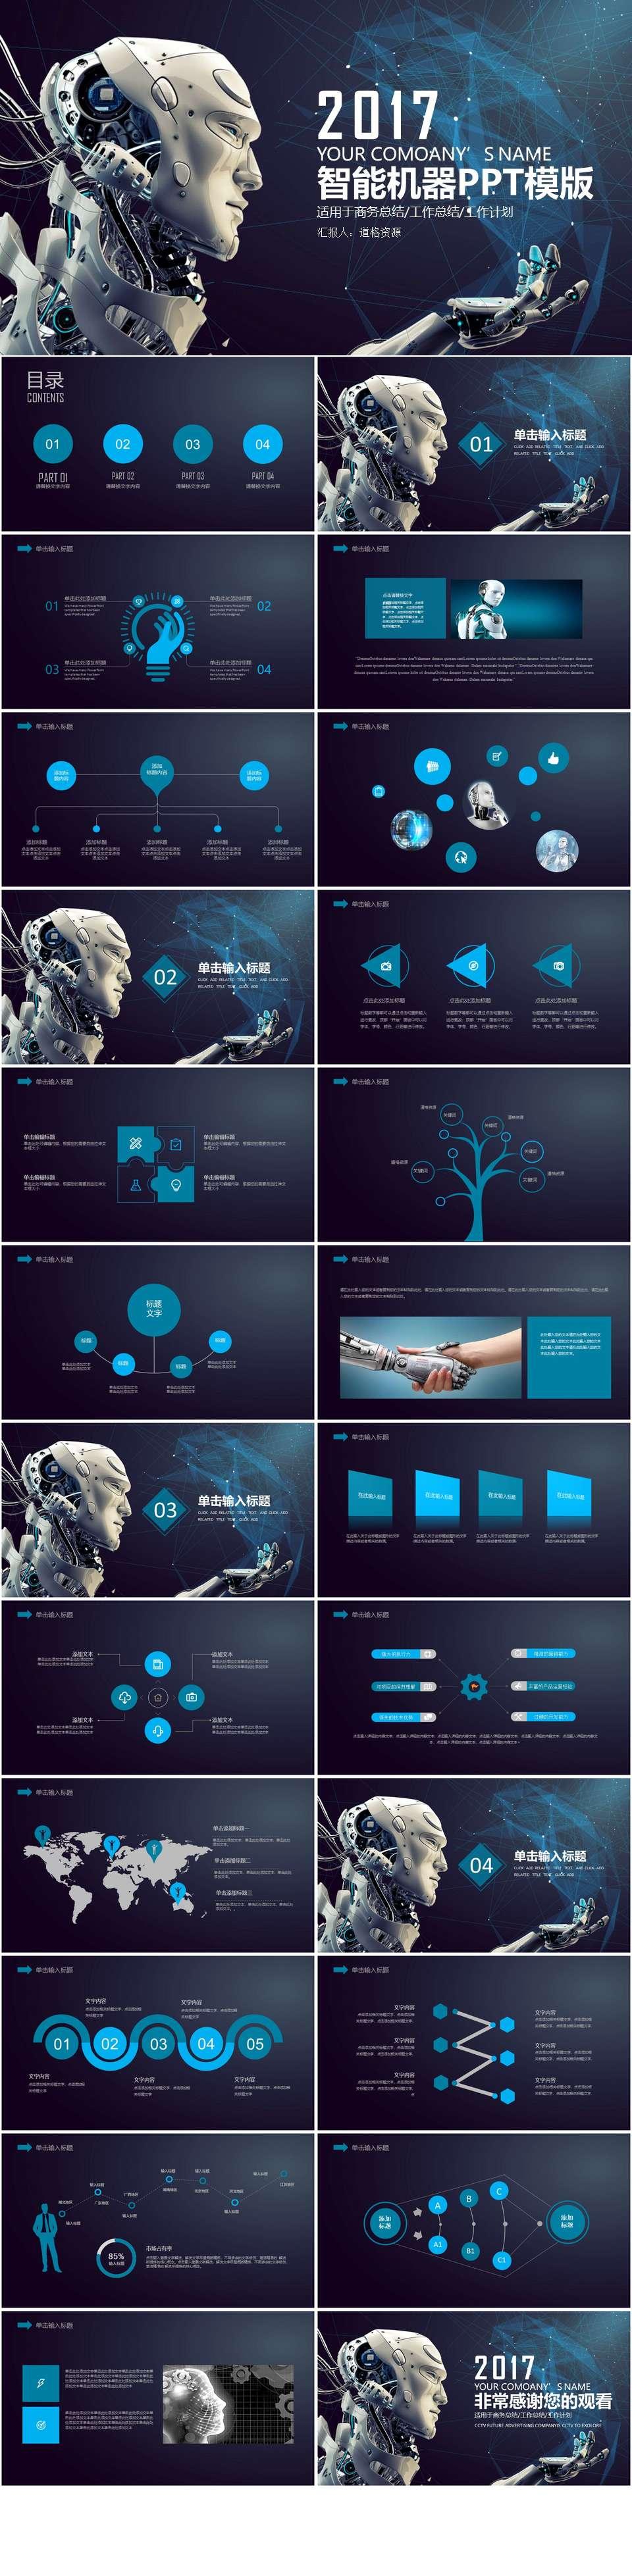 超现实智能机器人信息化高科技PPT模版插图1